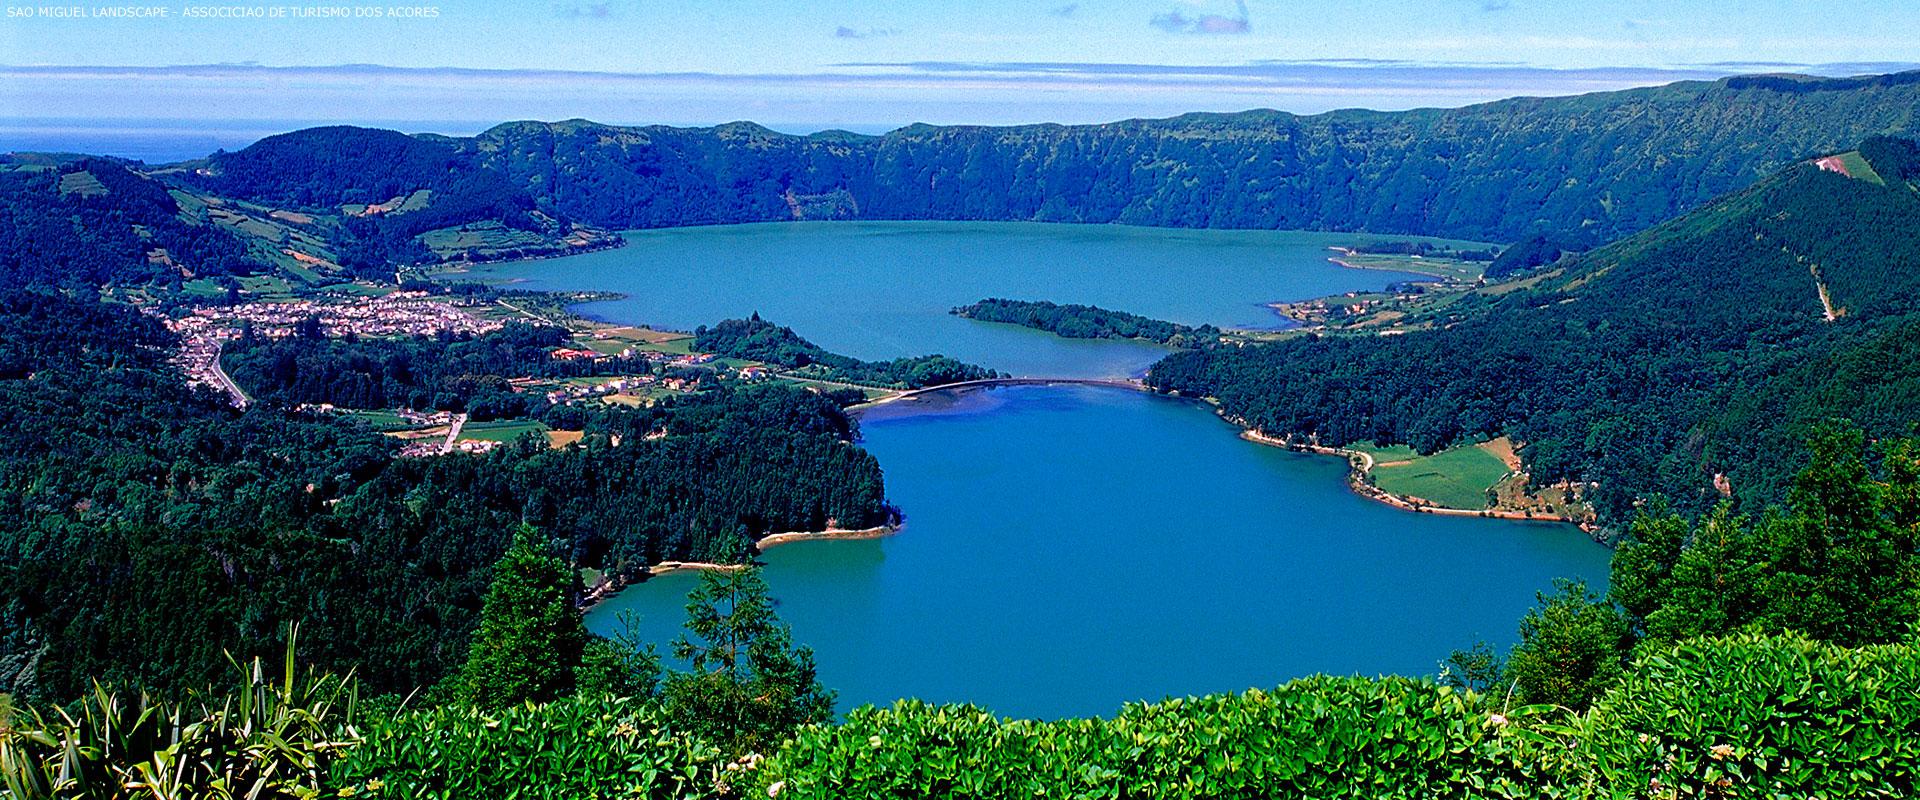 Vandring Pa Sao Miguel Selvguidet Vandreferie I Azorerne